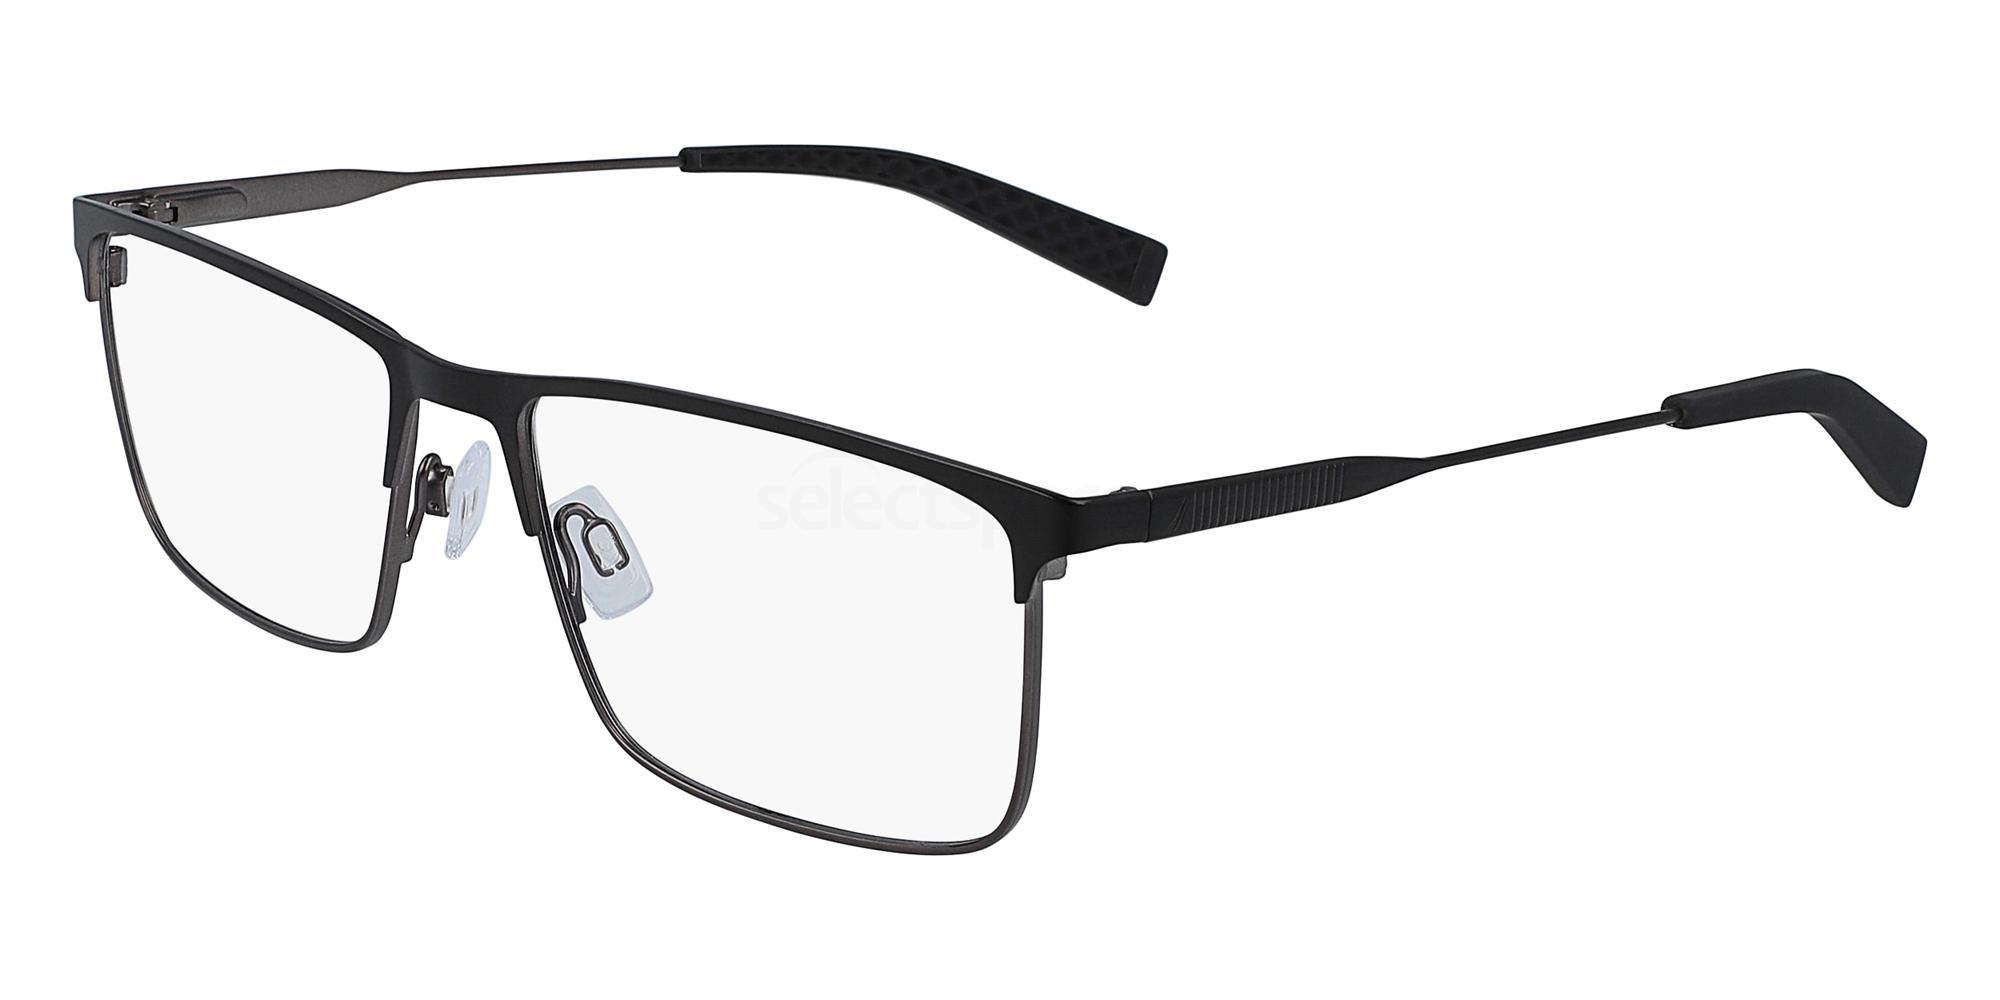 005 N7295 Glasses, Nautica